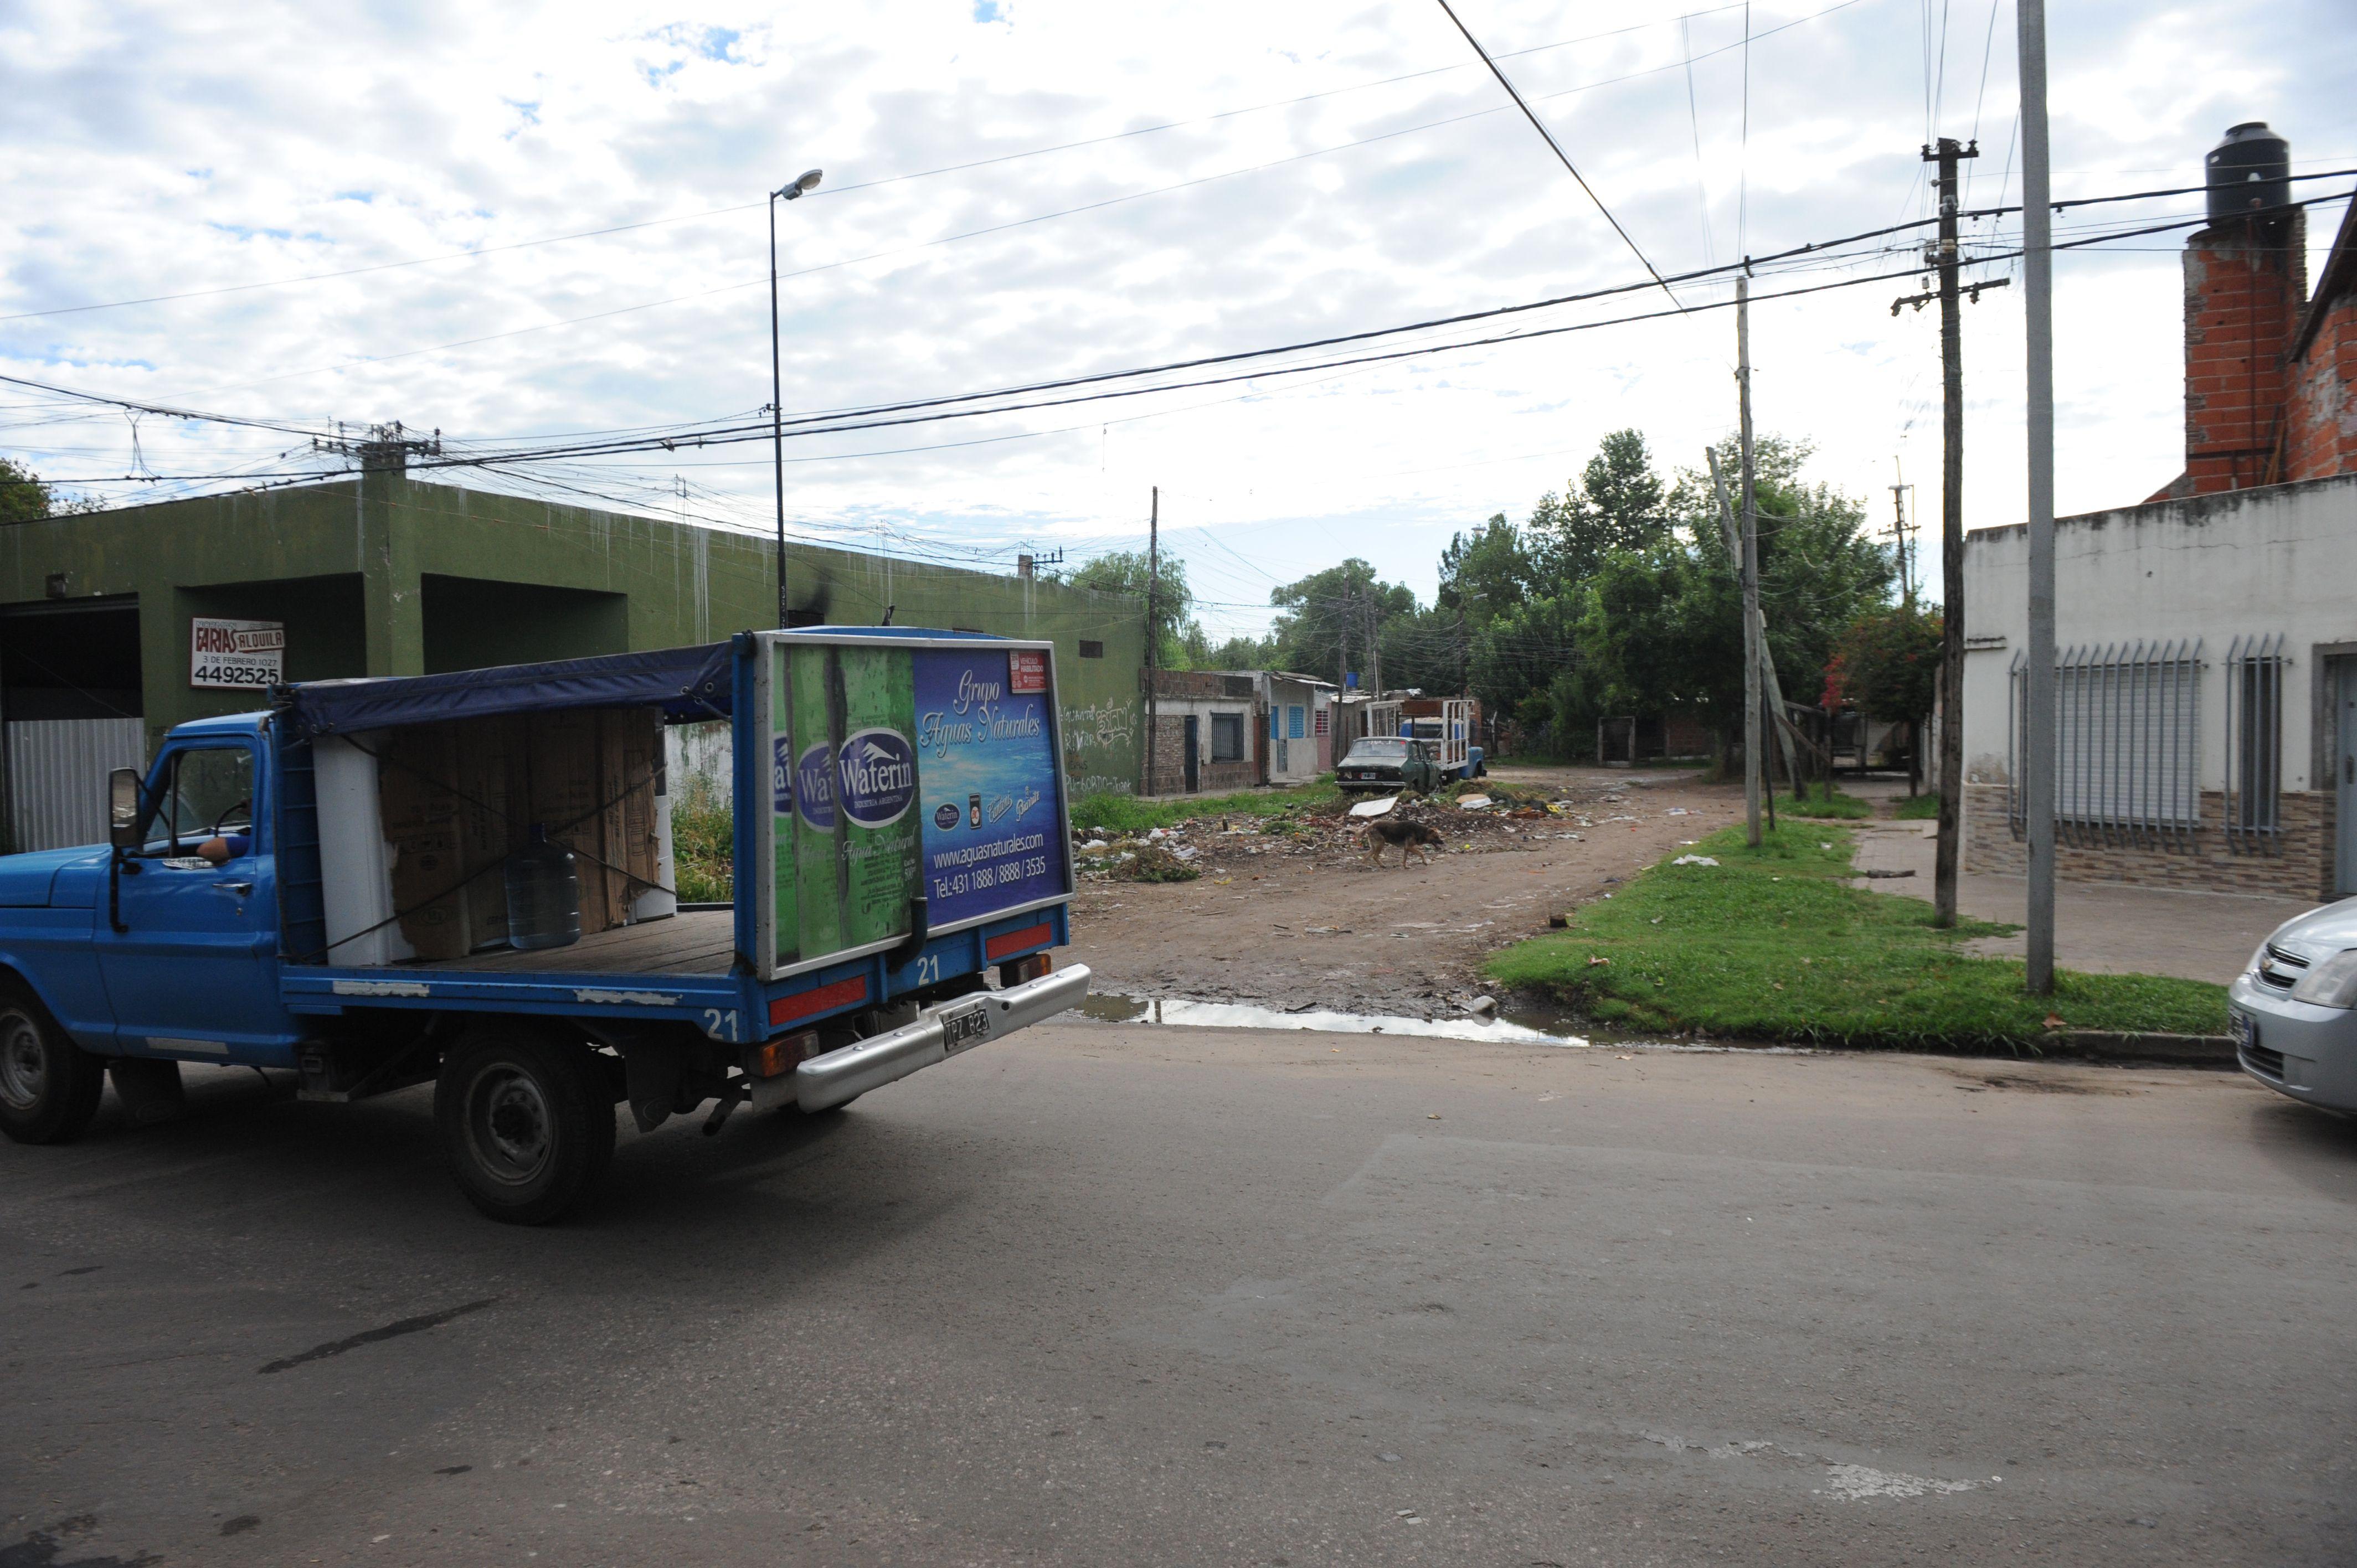 Los móviles policiales y las ambulancias sólo llegan hasta Felipe Moré y Rueda. Allí recogieron a Barquilla. (S.Meccia)